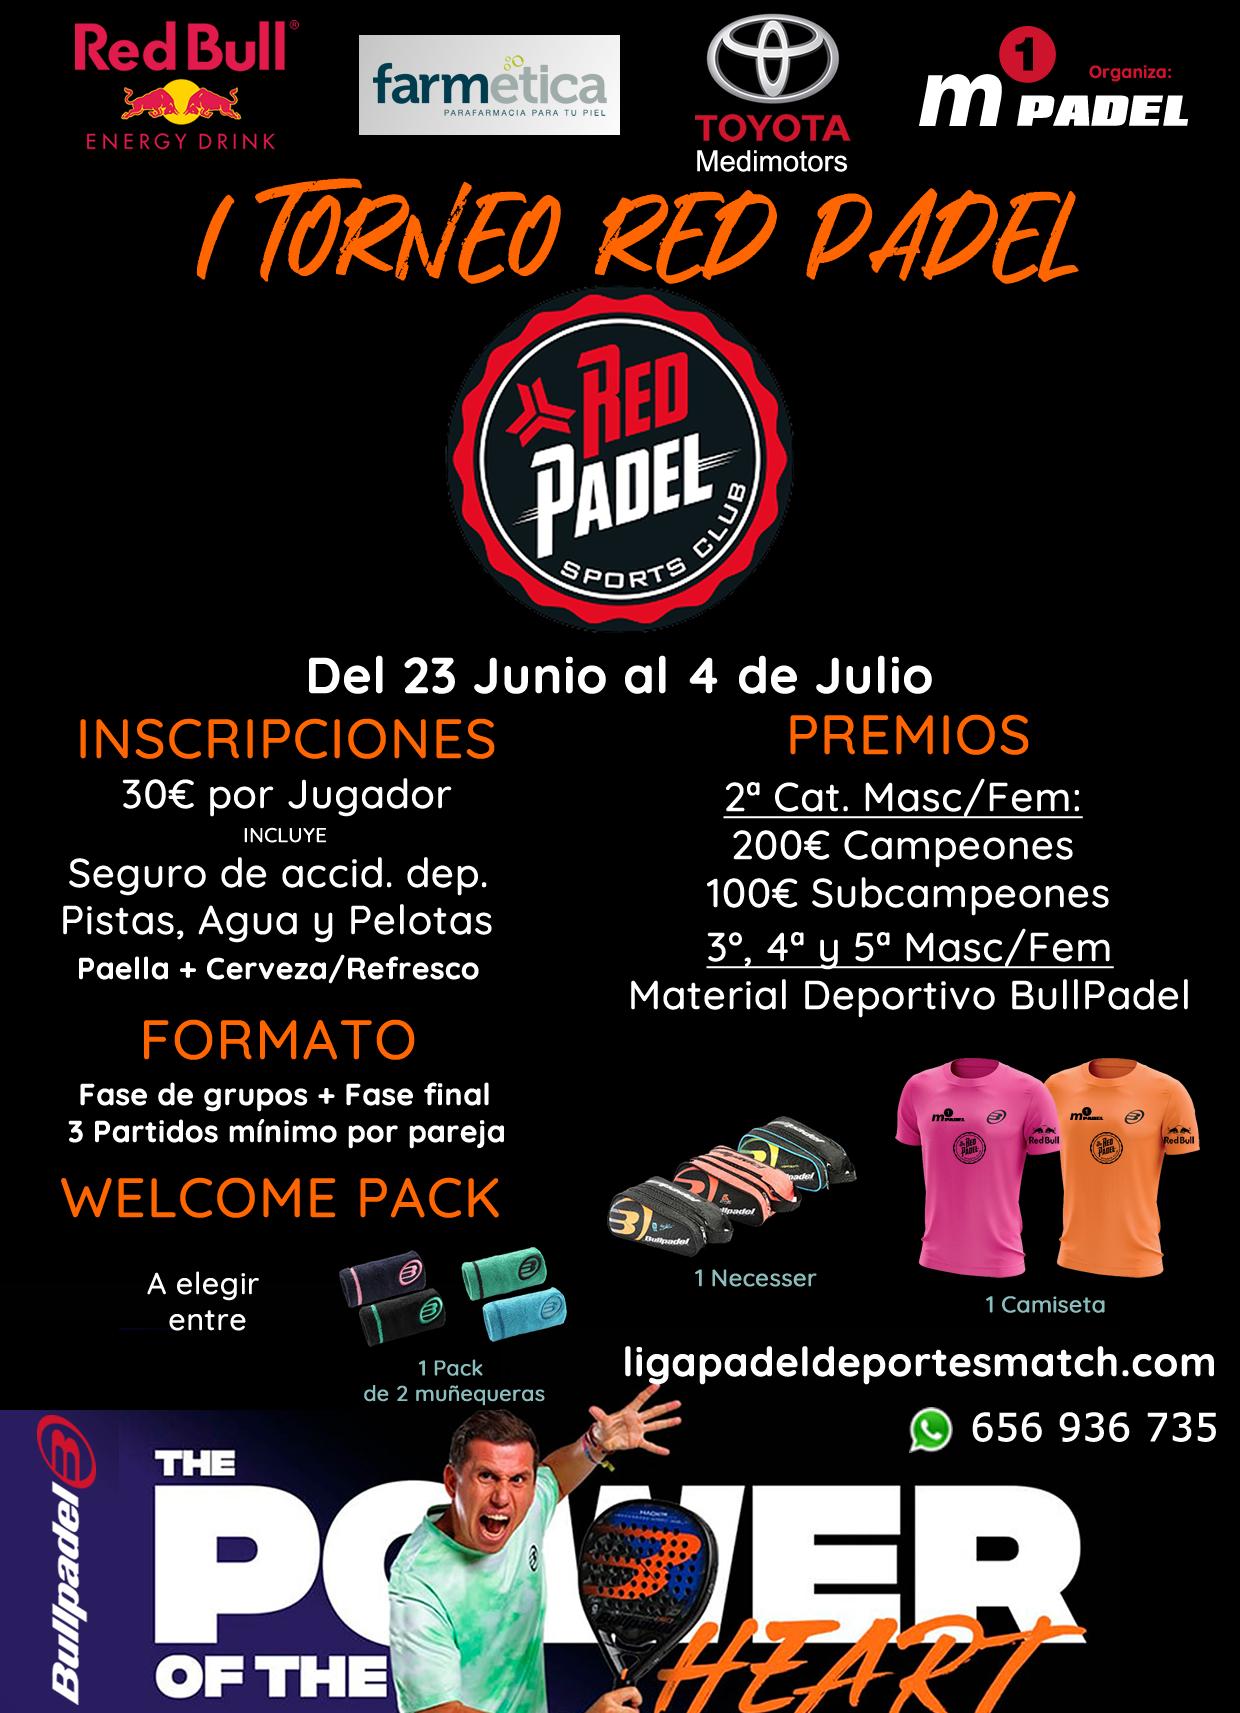 Cartel del 1er Torneo Red Padel